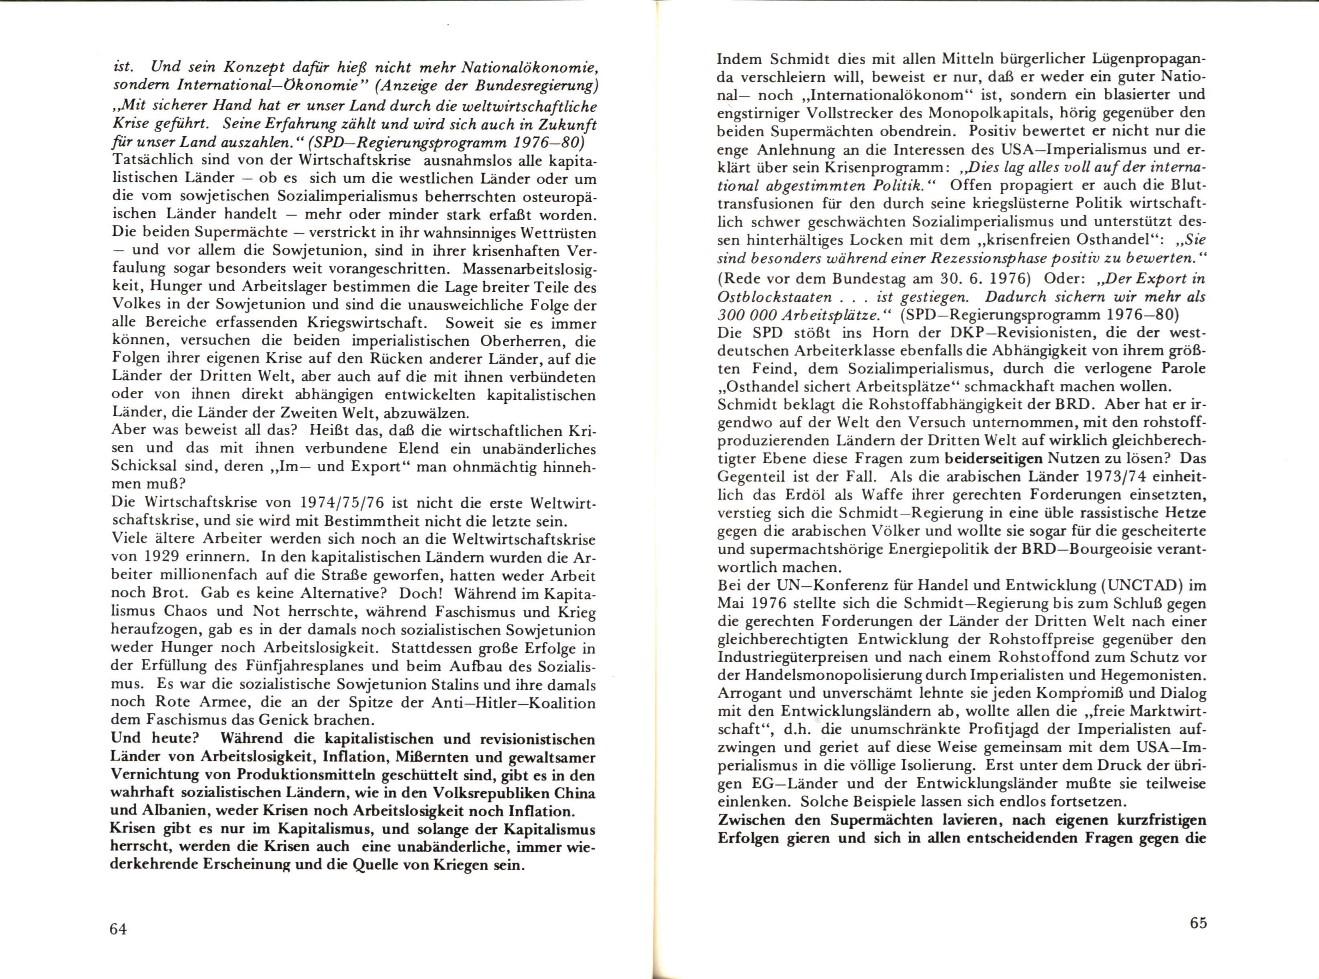 KPDAO_1976_Agitationsbroschuere_zur_BTW_34